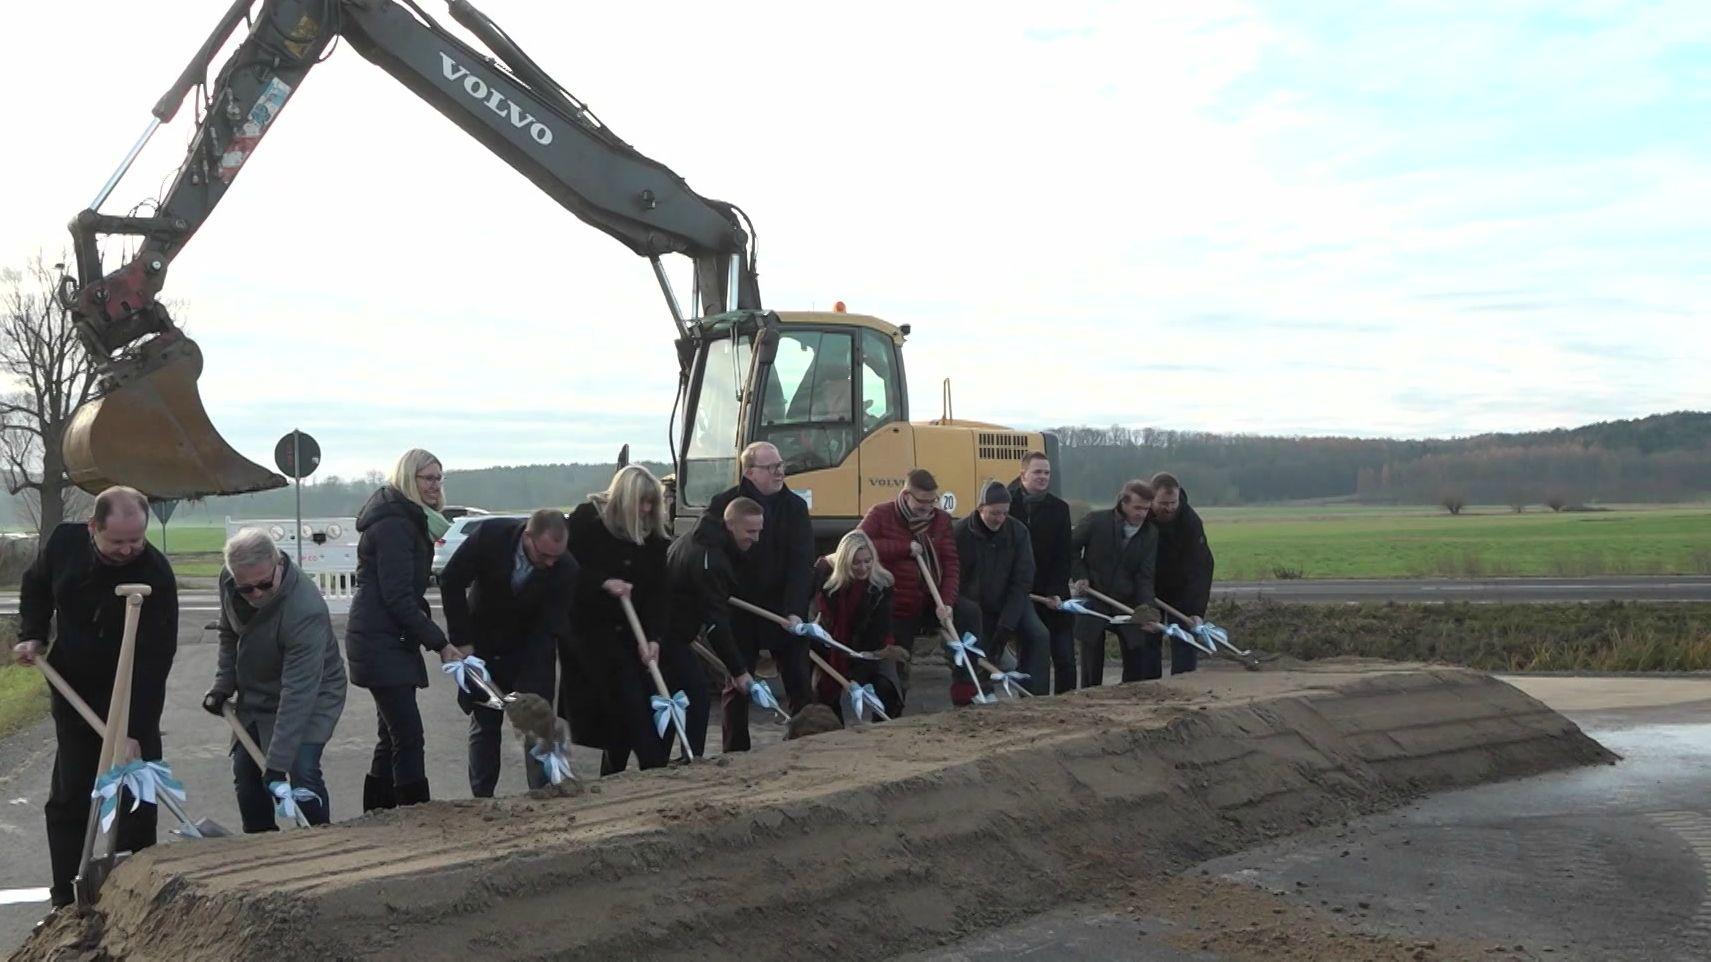 Für den Ausbau der Staatsstraße 2205 zwischen Coburg und Bad  Rodach war jetzt in Wiesenfeld bei Coburg Spatentich.